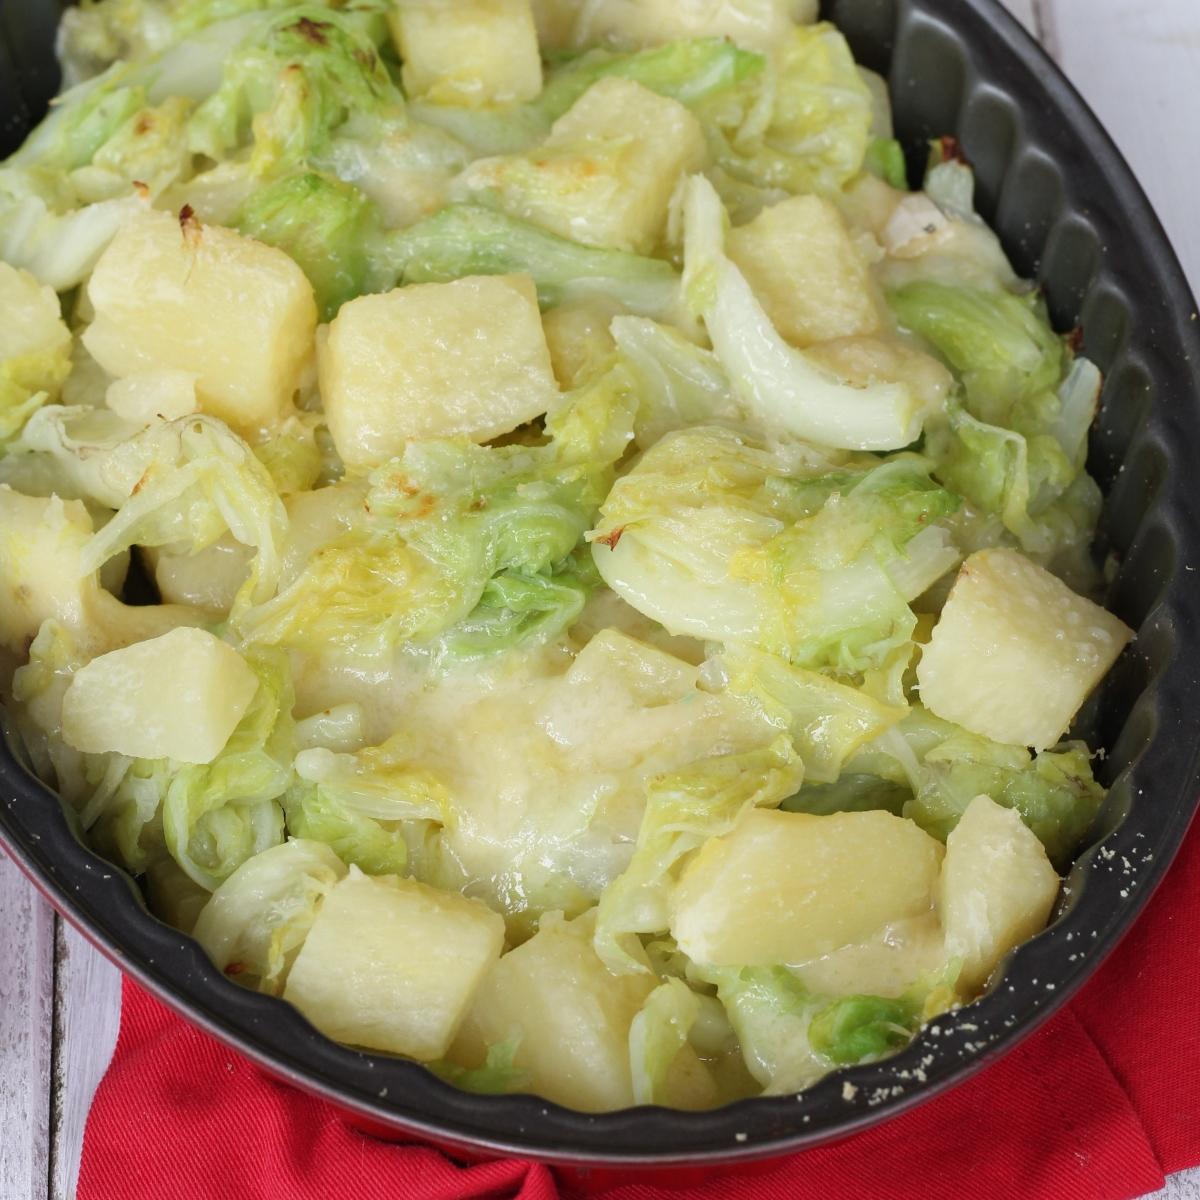 Ricetta Verza E Patate.Ricetta Verza E Patate Alla Valtellinese Verza Al Forno Patate E Formaggio